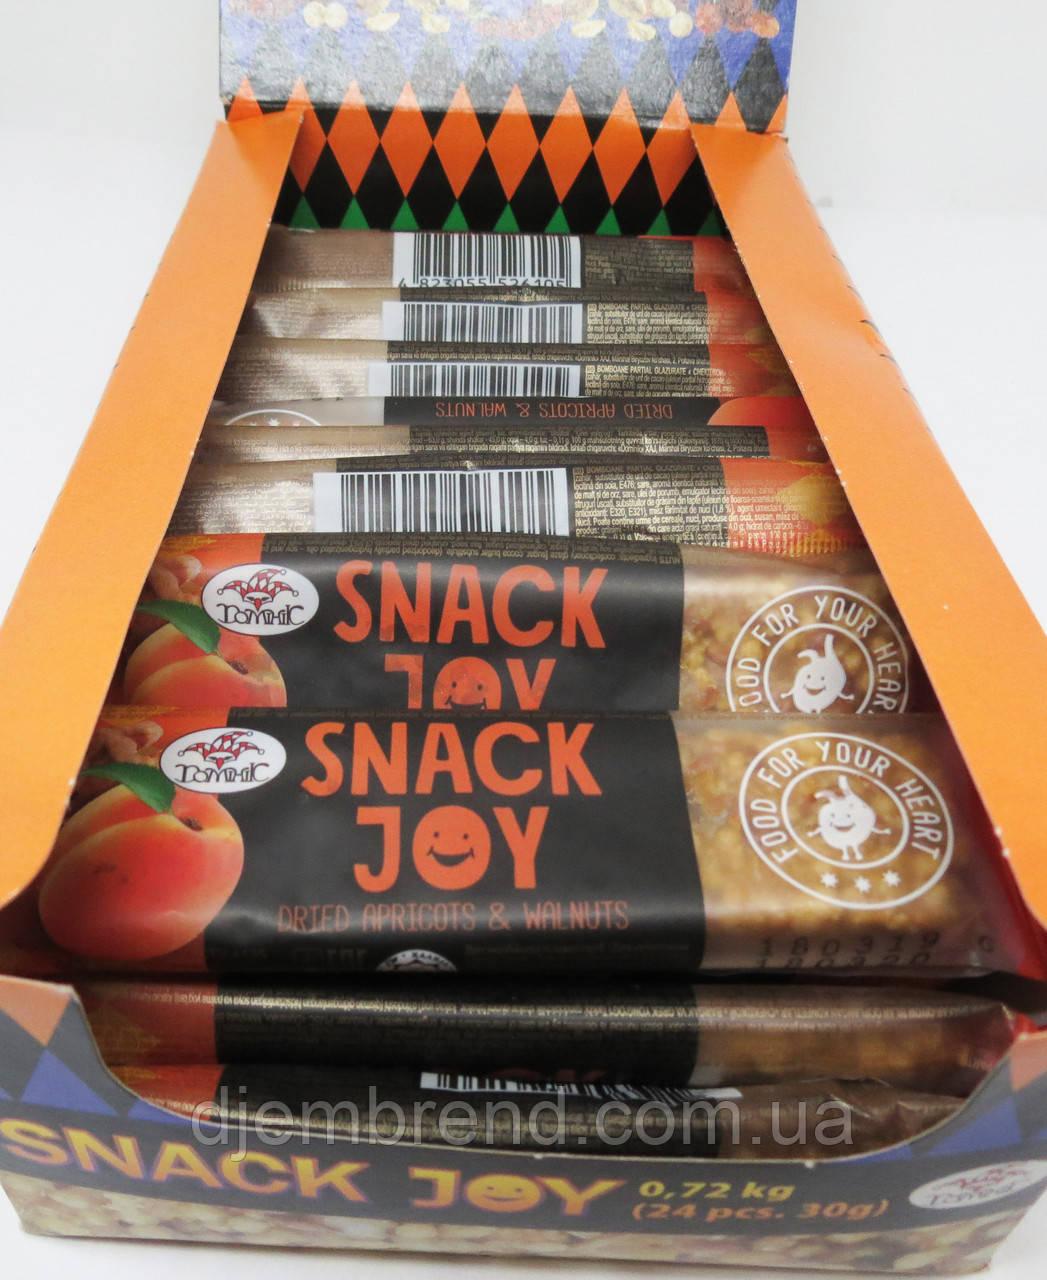 Мультизлаковый батончик Snack Joy с курагой и грецким орехом Доминик , 30 гр 24 штуки в упаковке